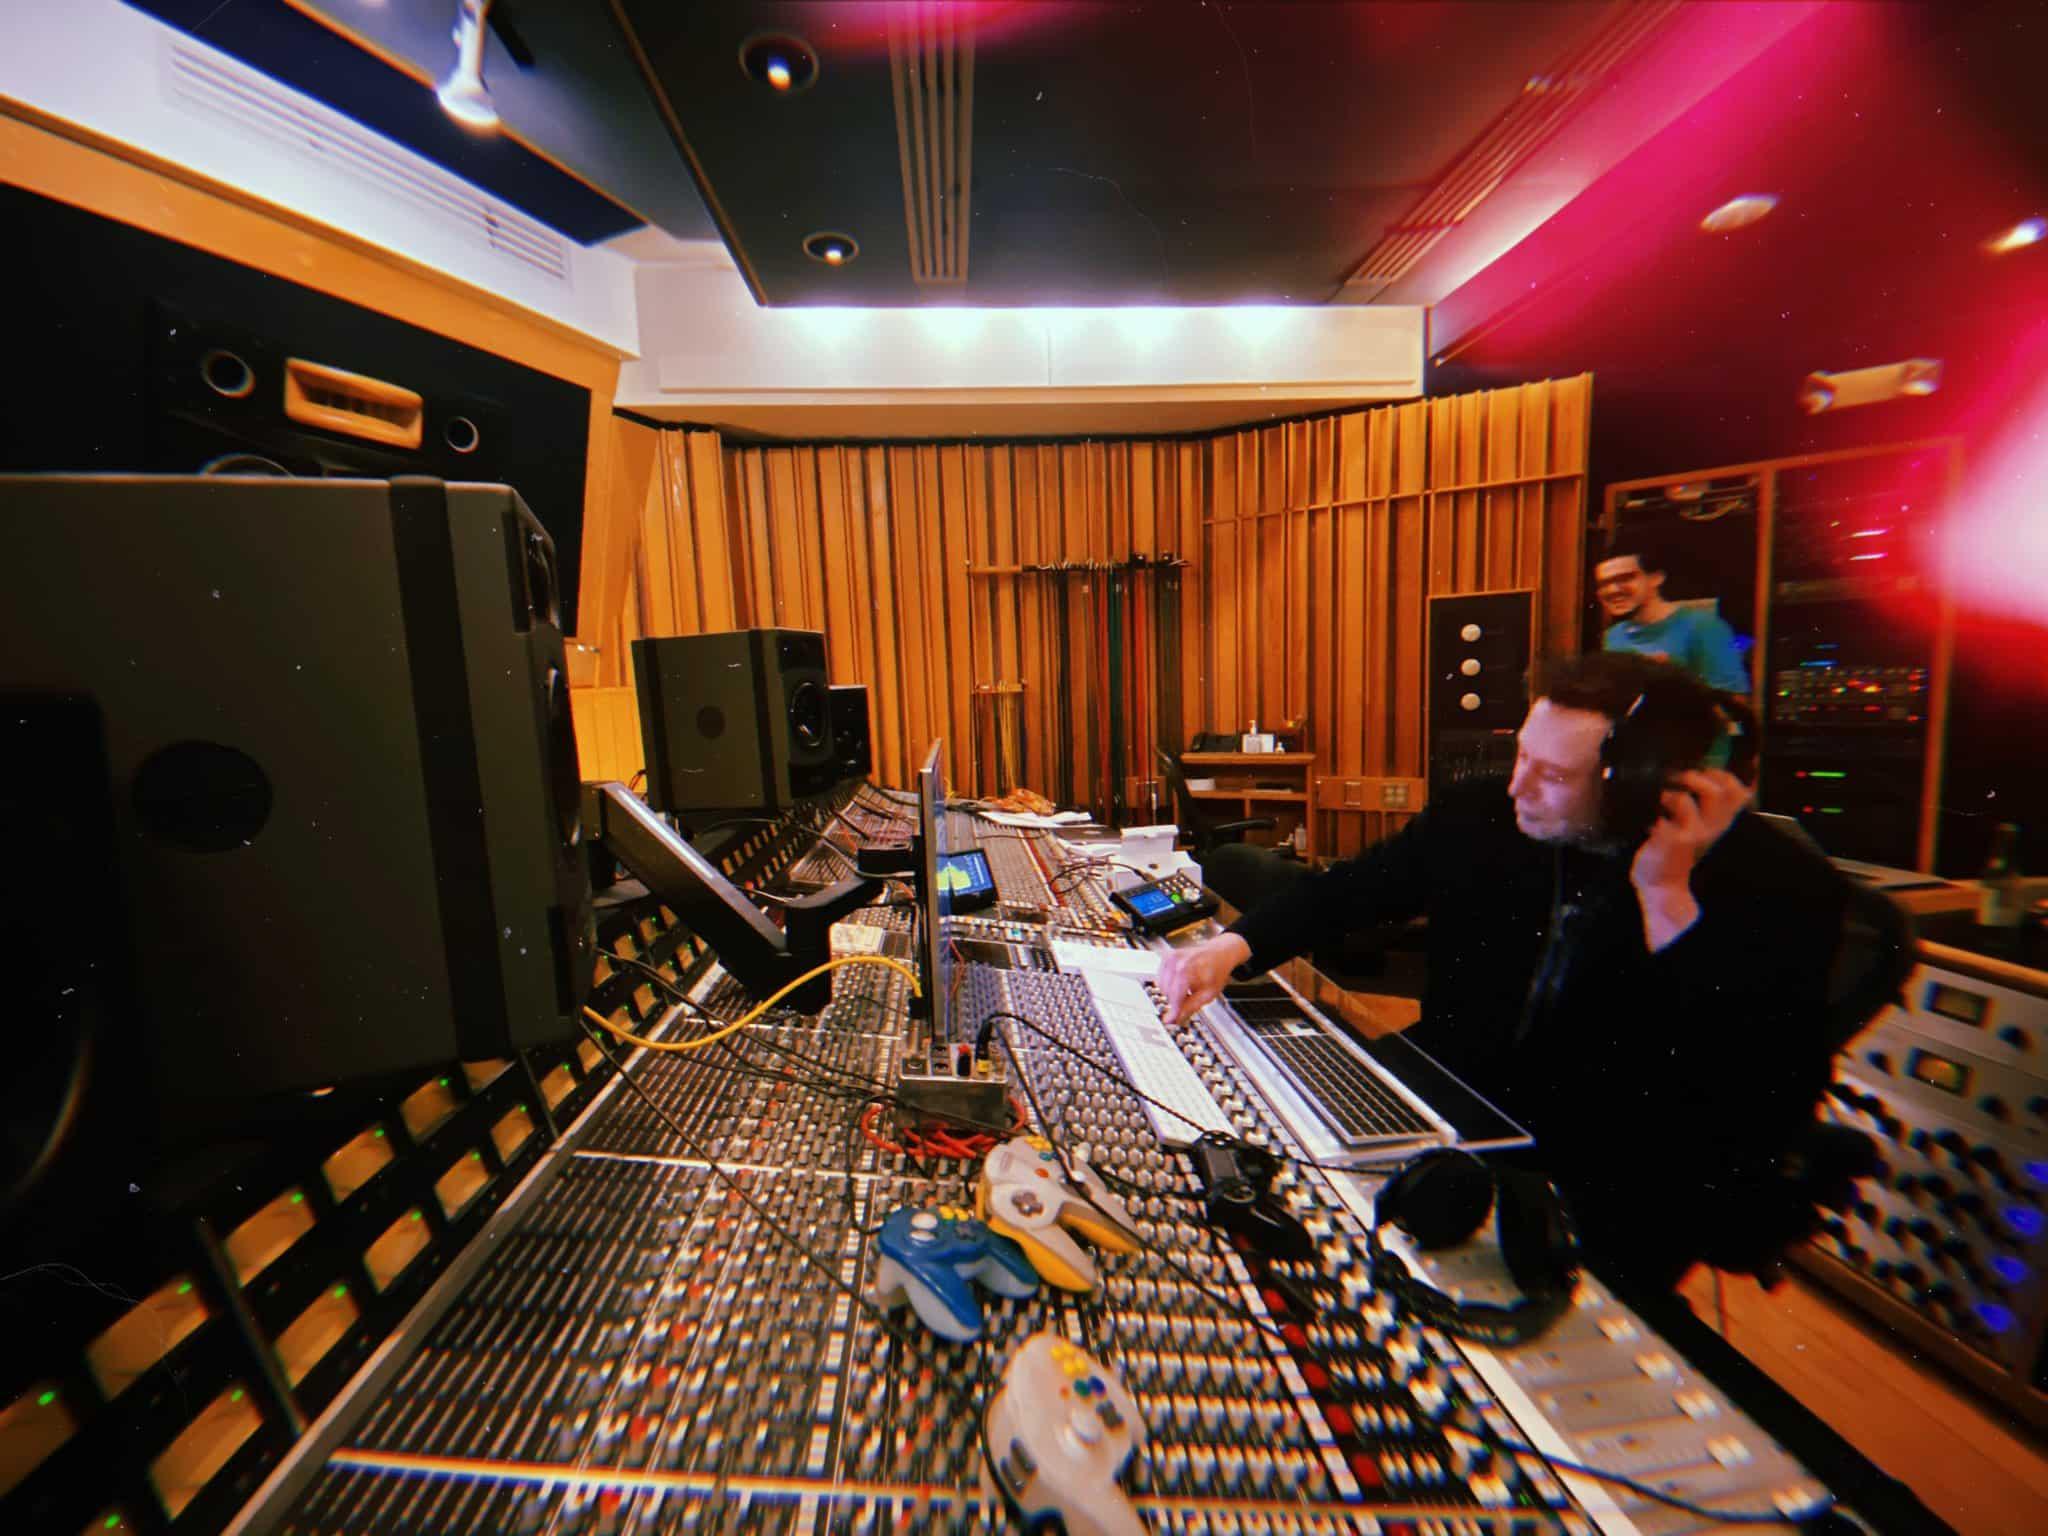 Илон Маск записывает свой первый музыкальный трэк фото